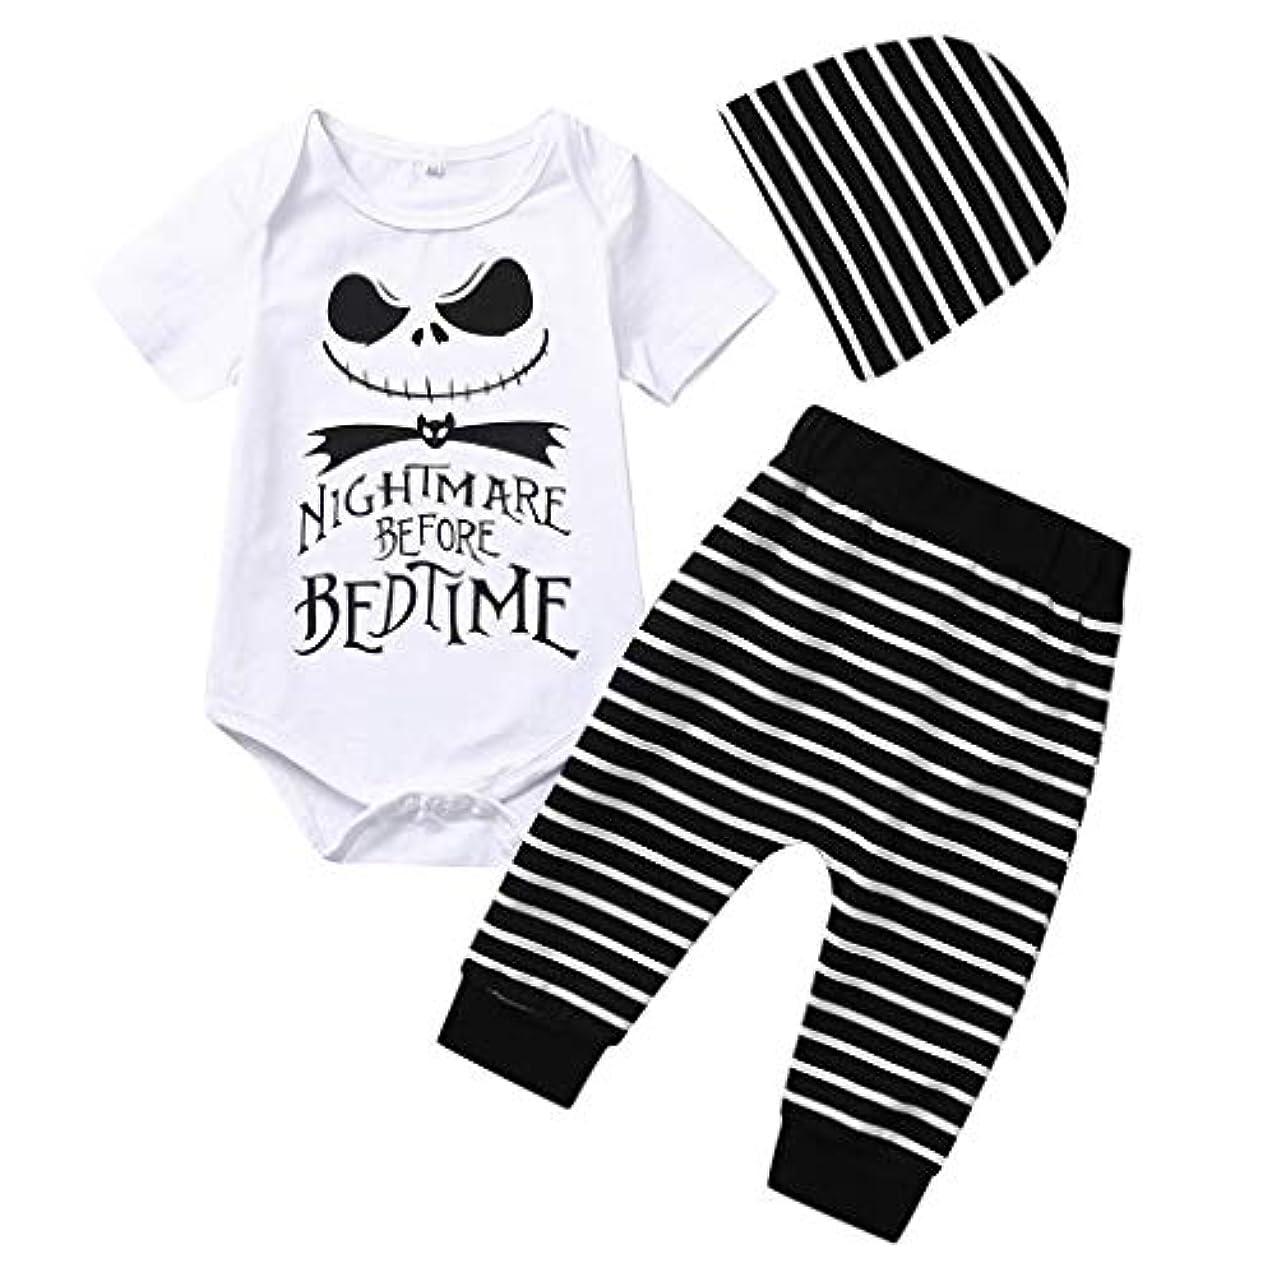 レポートを書くサスペンド敬意を表してMISFIY ハロウィーン キッズ 子供 新生児 ベビー服 ロンパース 上下 セット 帽子 肌着 かわいい 柔らかい パジャマ 誕生記念 出産祝い 寝相アート